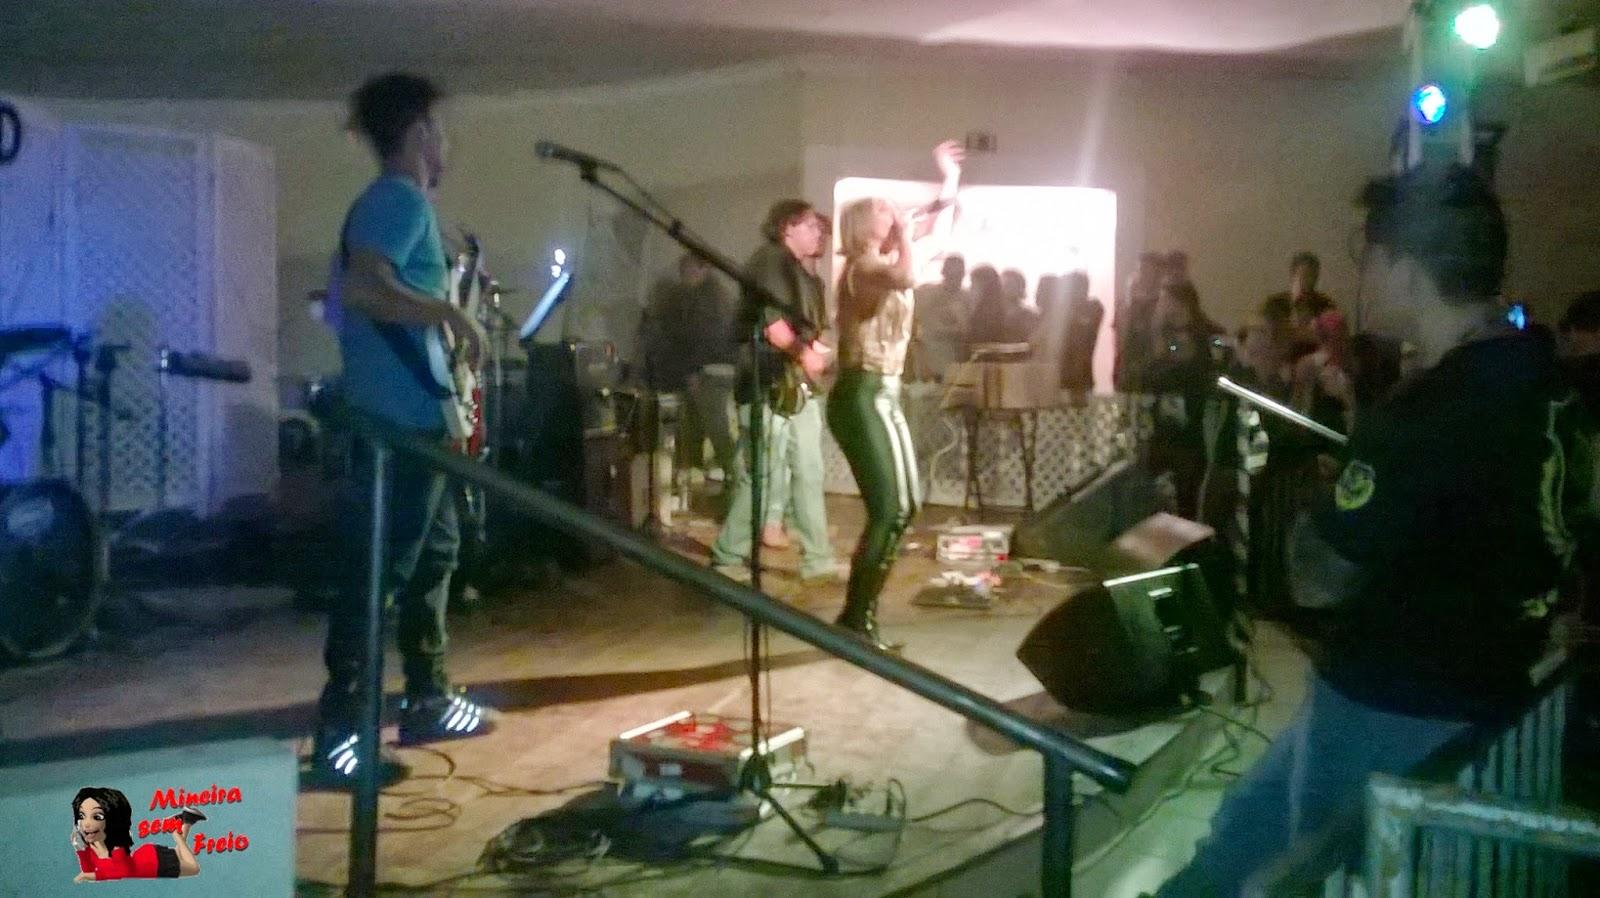 Banda Avelar - acesse www.mineirasemfreio.com.br